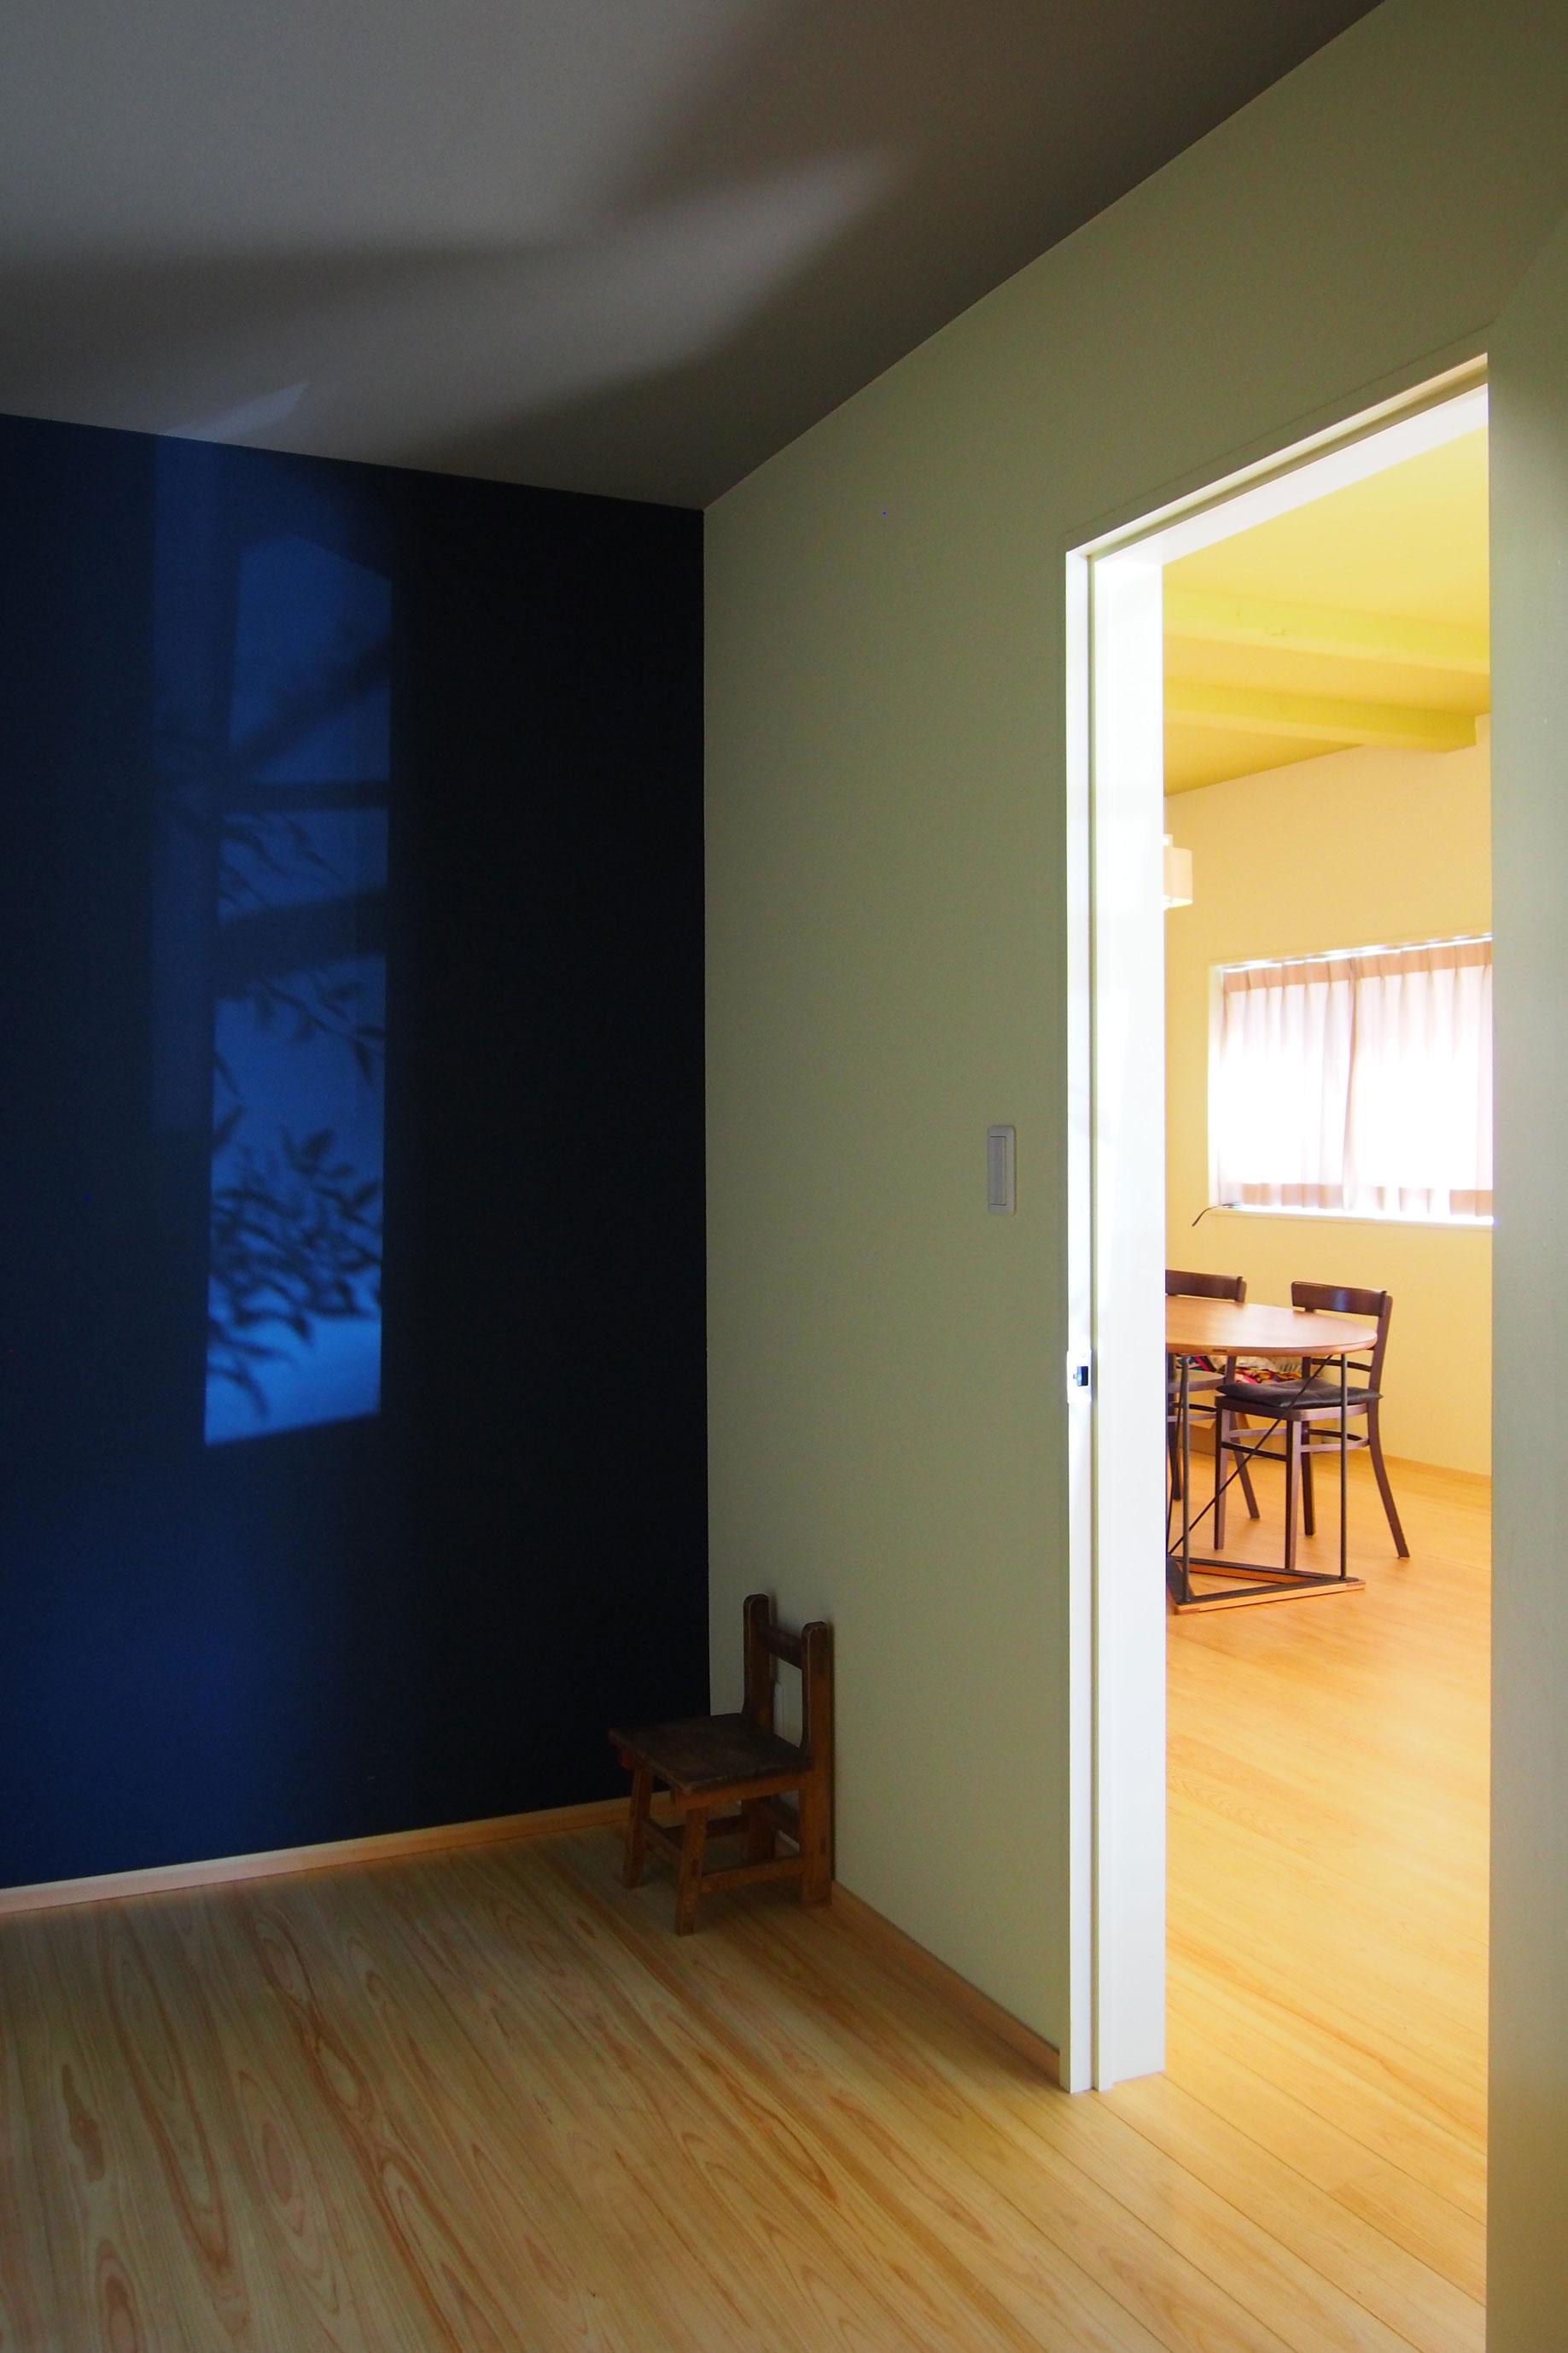 二世帯住宅 リノベーション デザイン